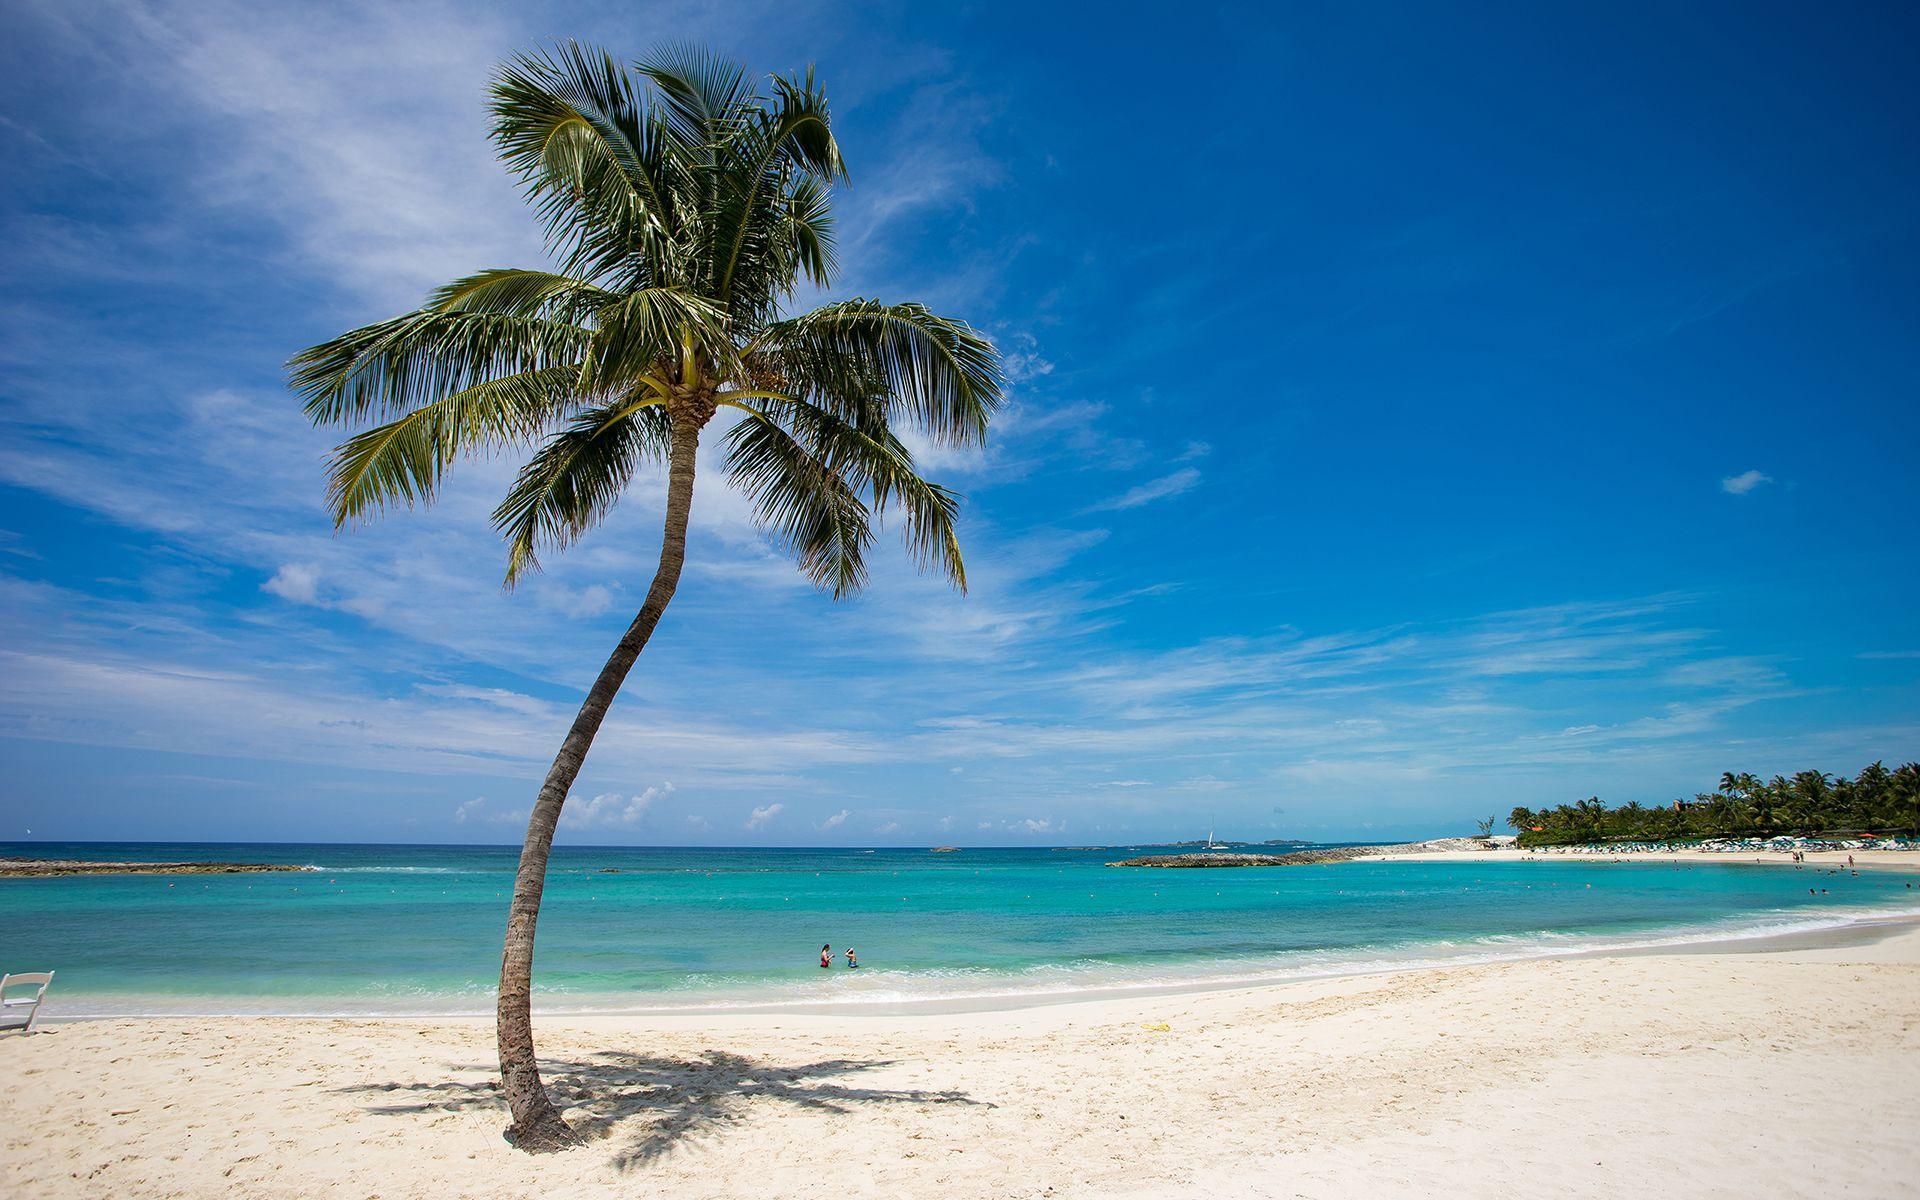 1920x1200 Đảo nhiệt đới Bãi biển Cây dừa Hình nền miễn phí có độ phân giải cao